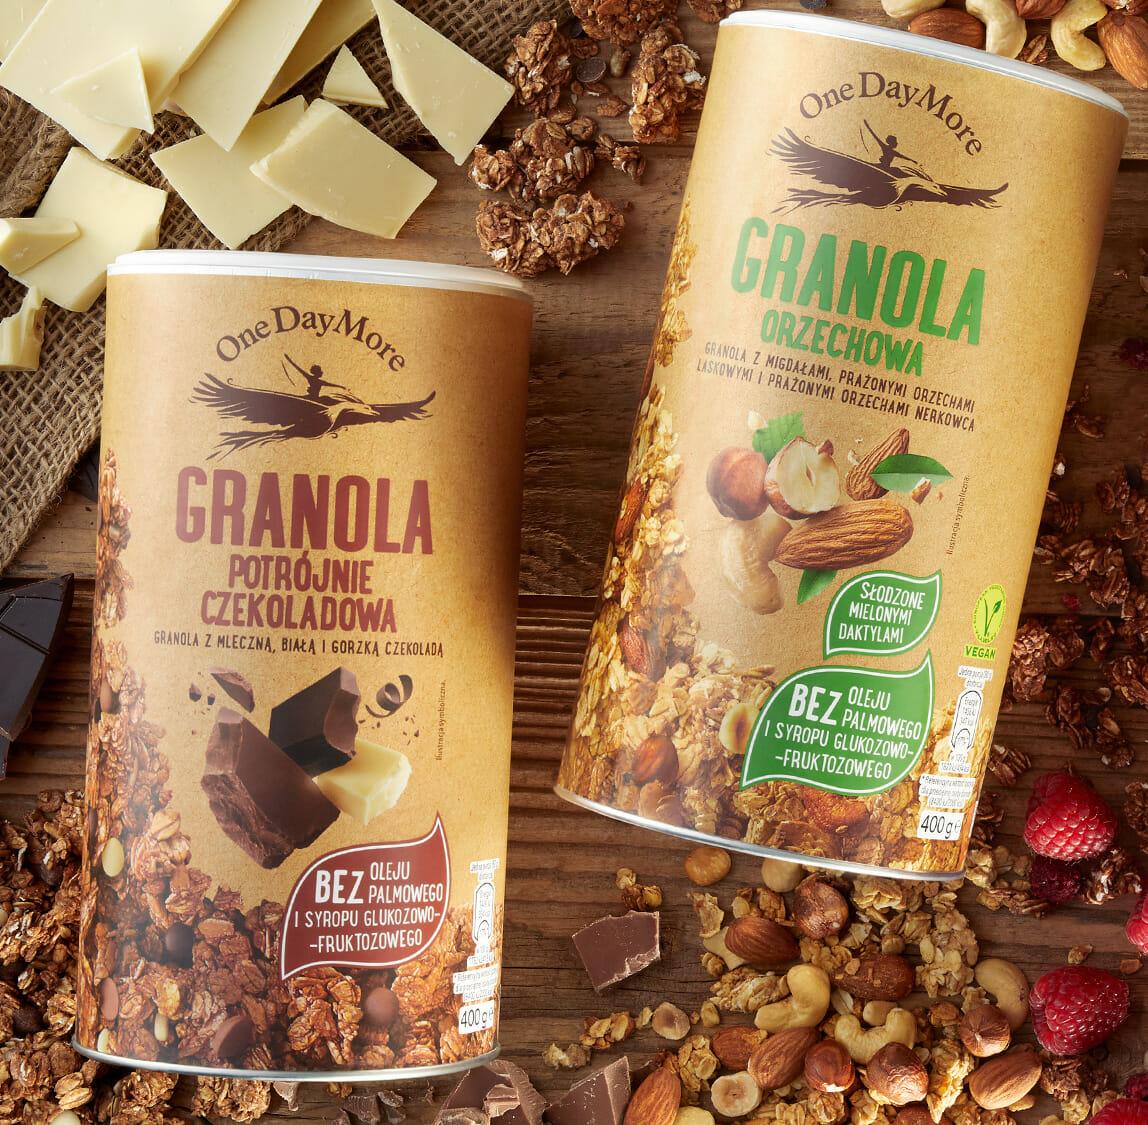 granola-potrojnie-czekoladowa-onedaymore-dodatkowe